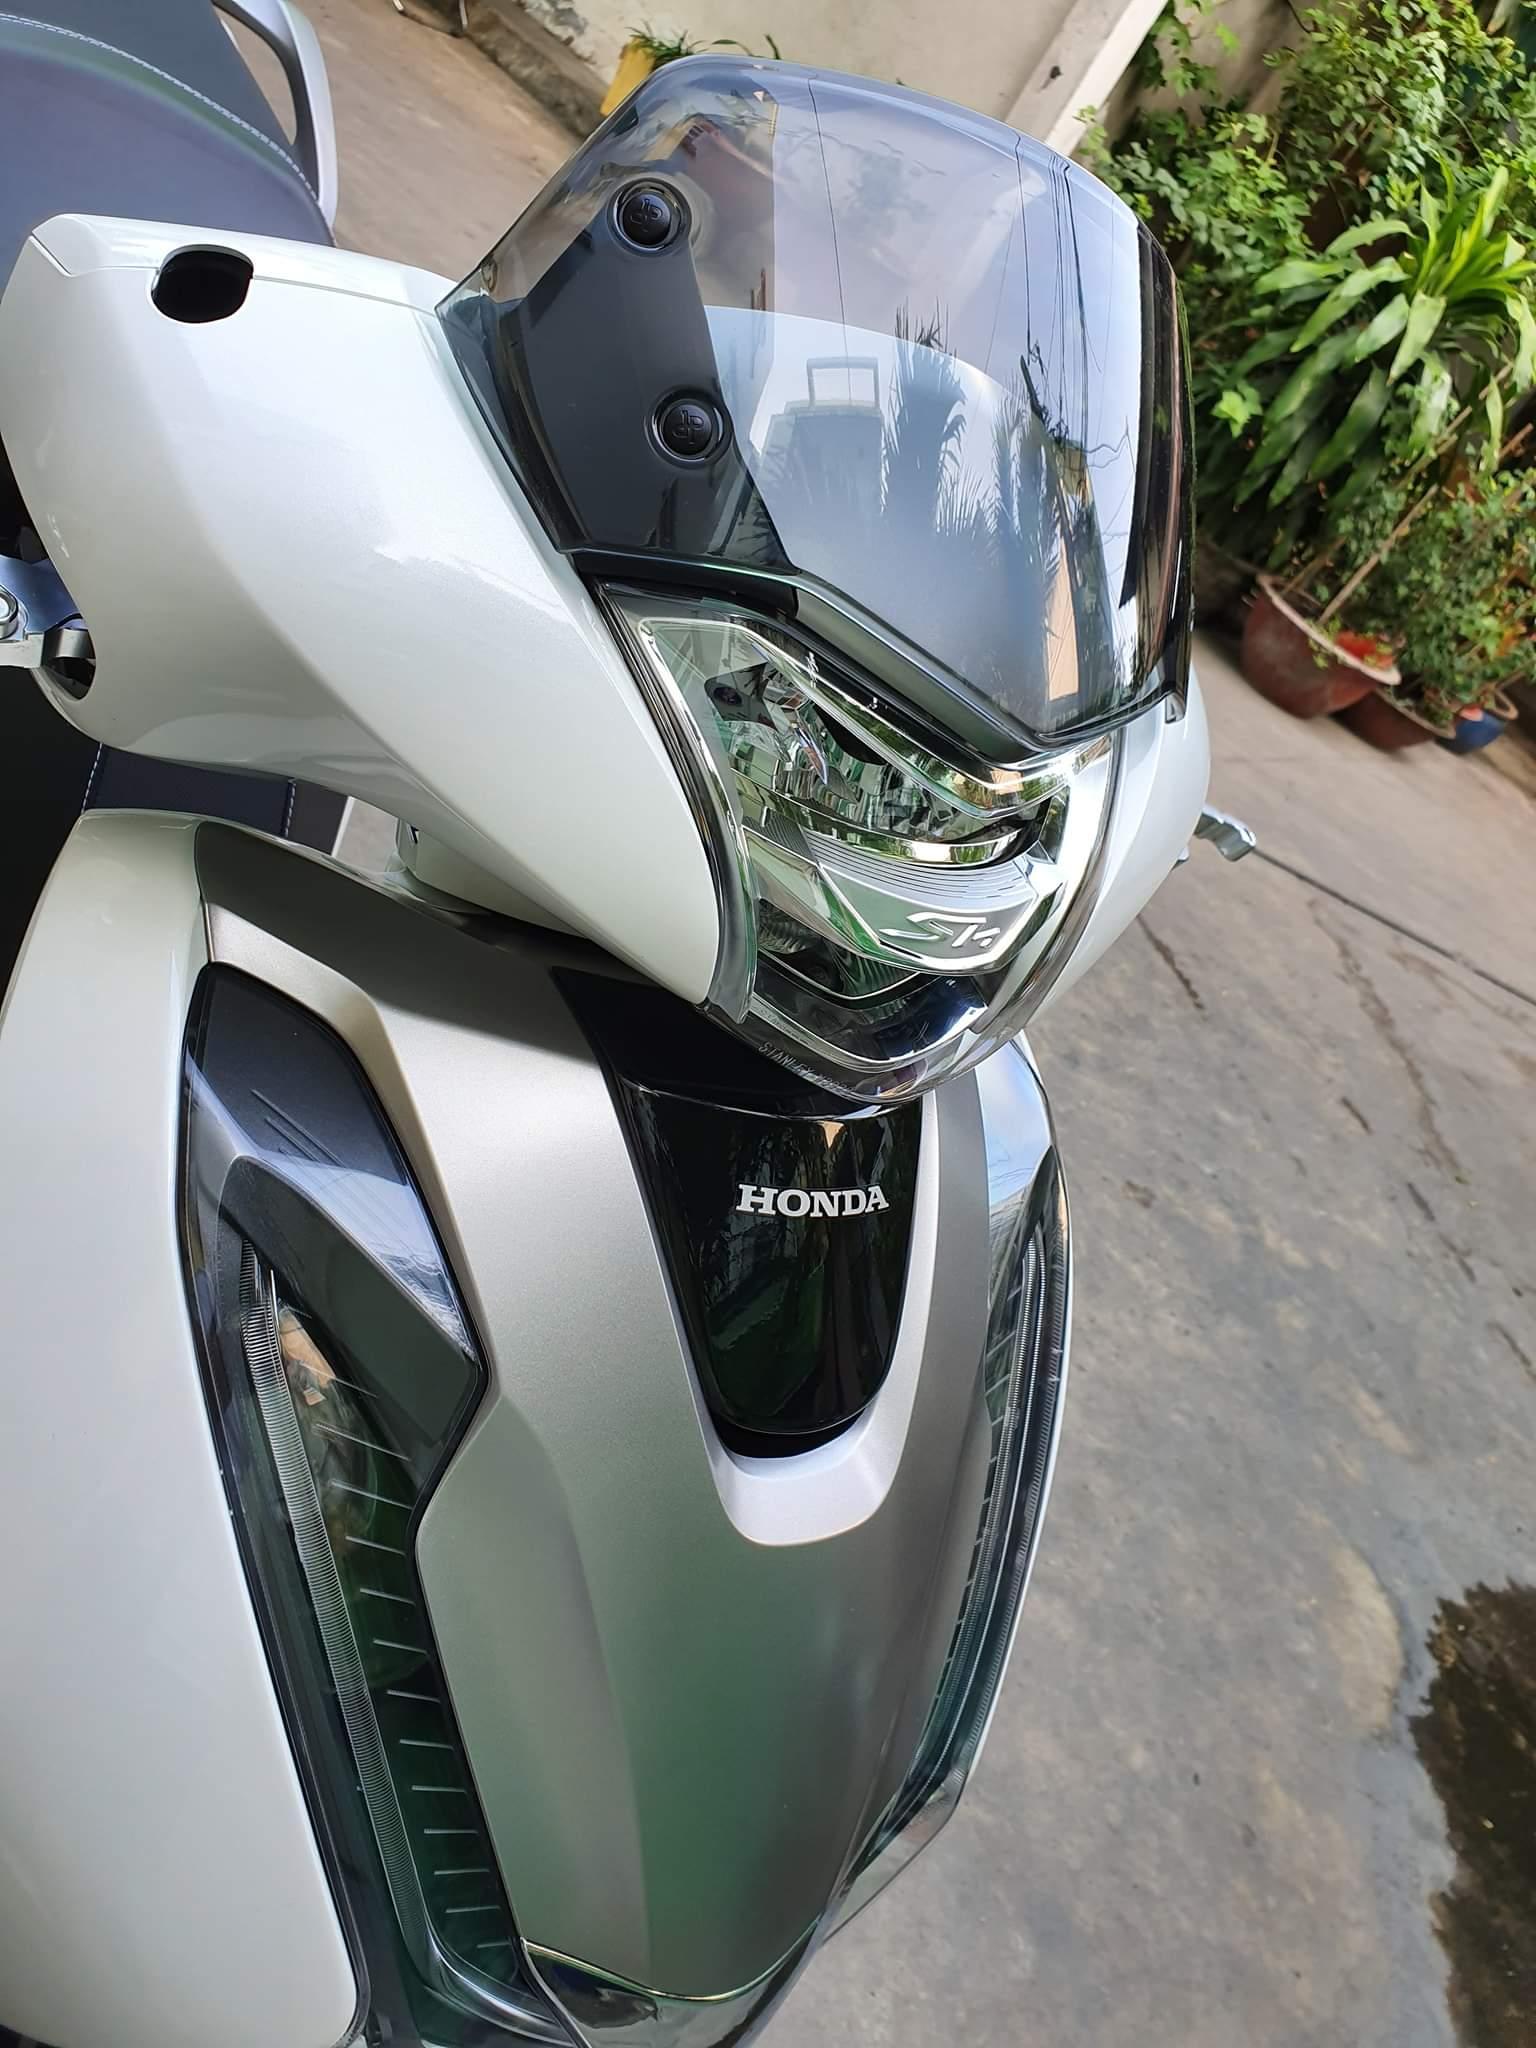 5 SH 150I Màu Trắng Đời 2019 Phanh ABS Mới 100 Xe Nhập Khẩu Trốn Thuế